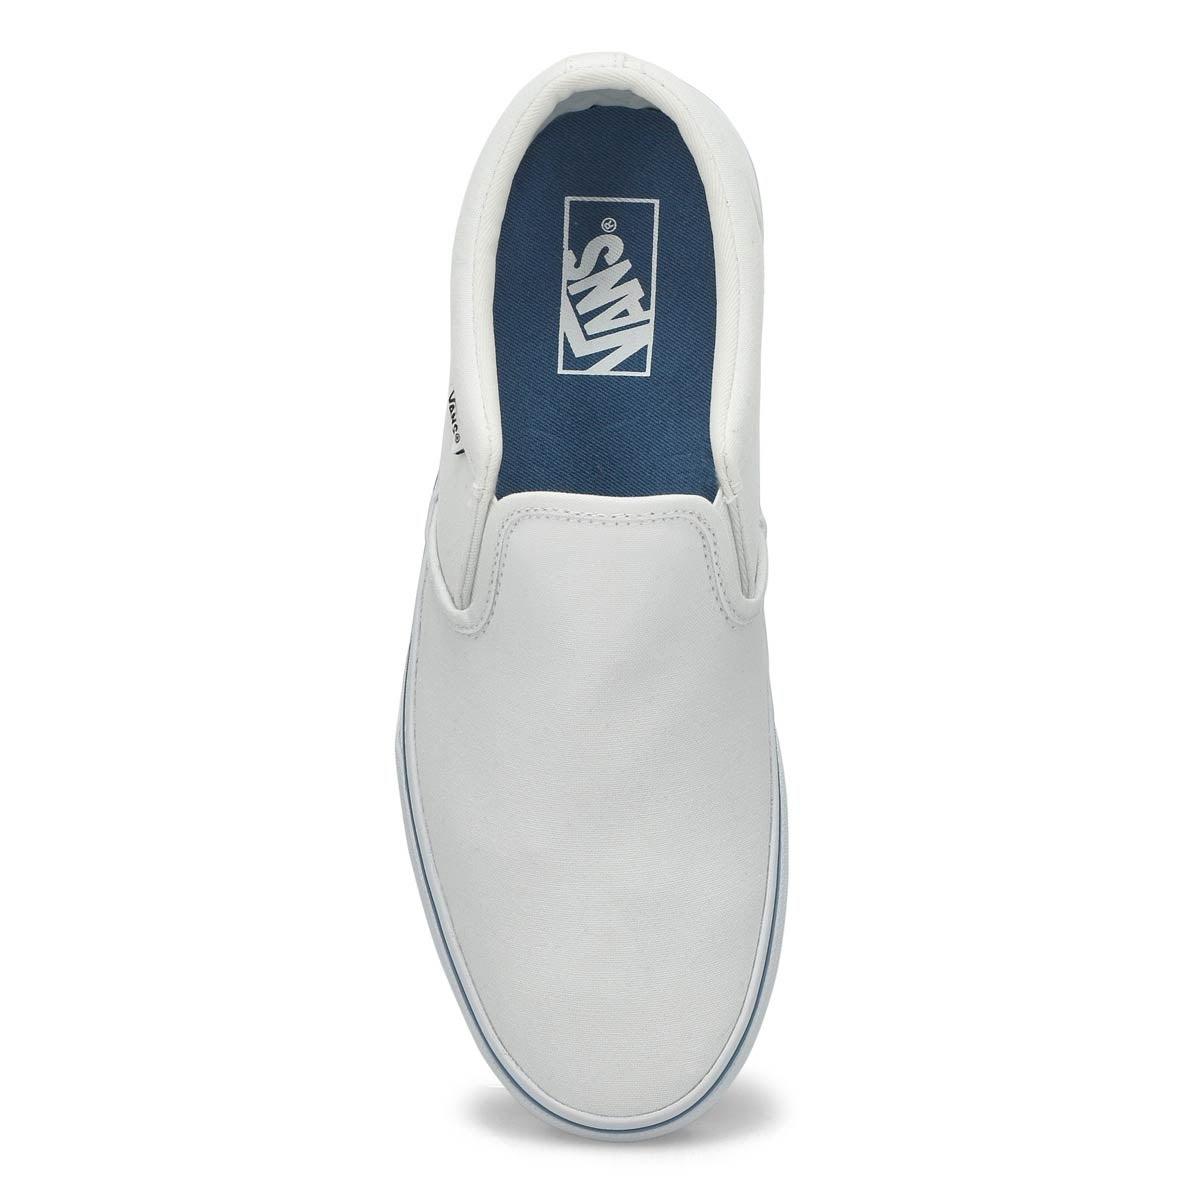 Men's Asher Sidewall Sneaker - White